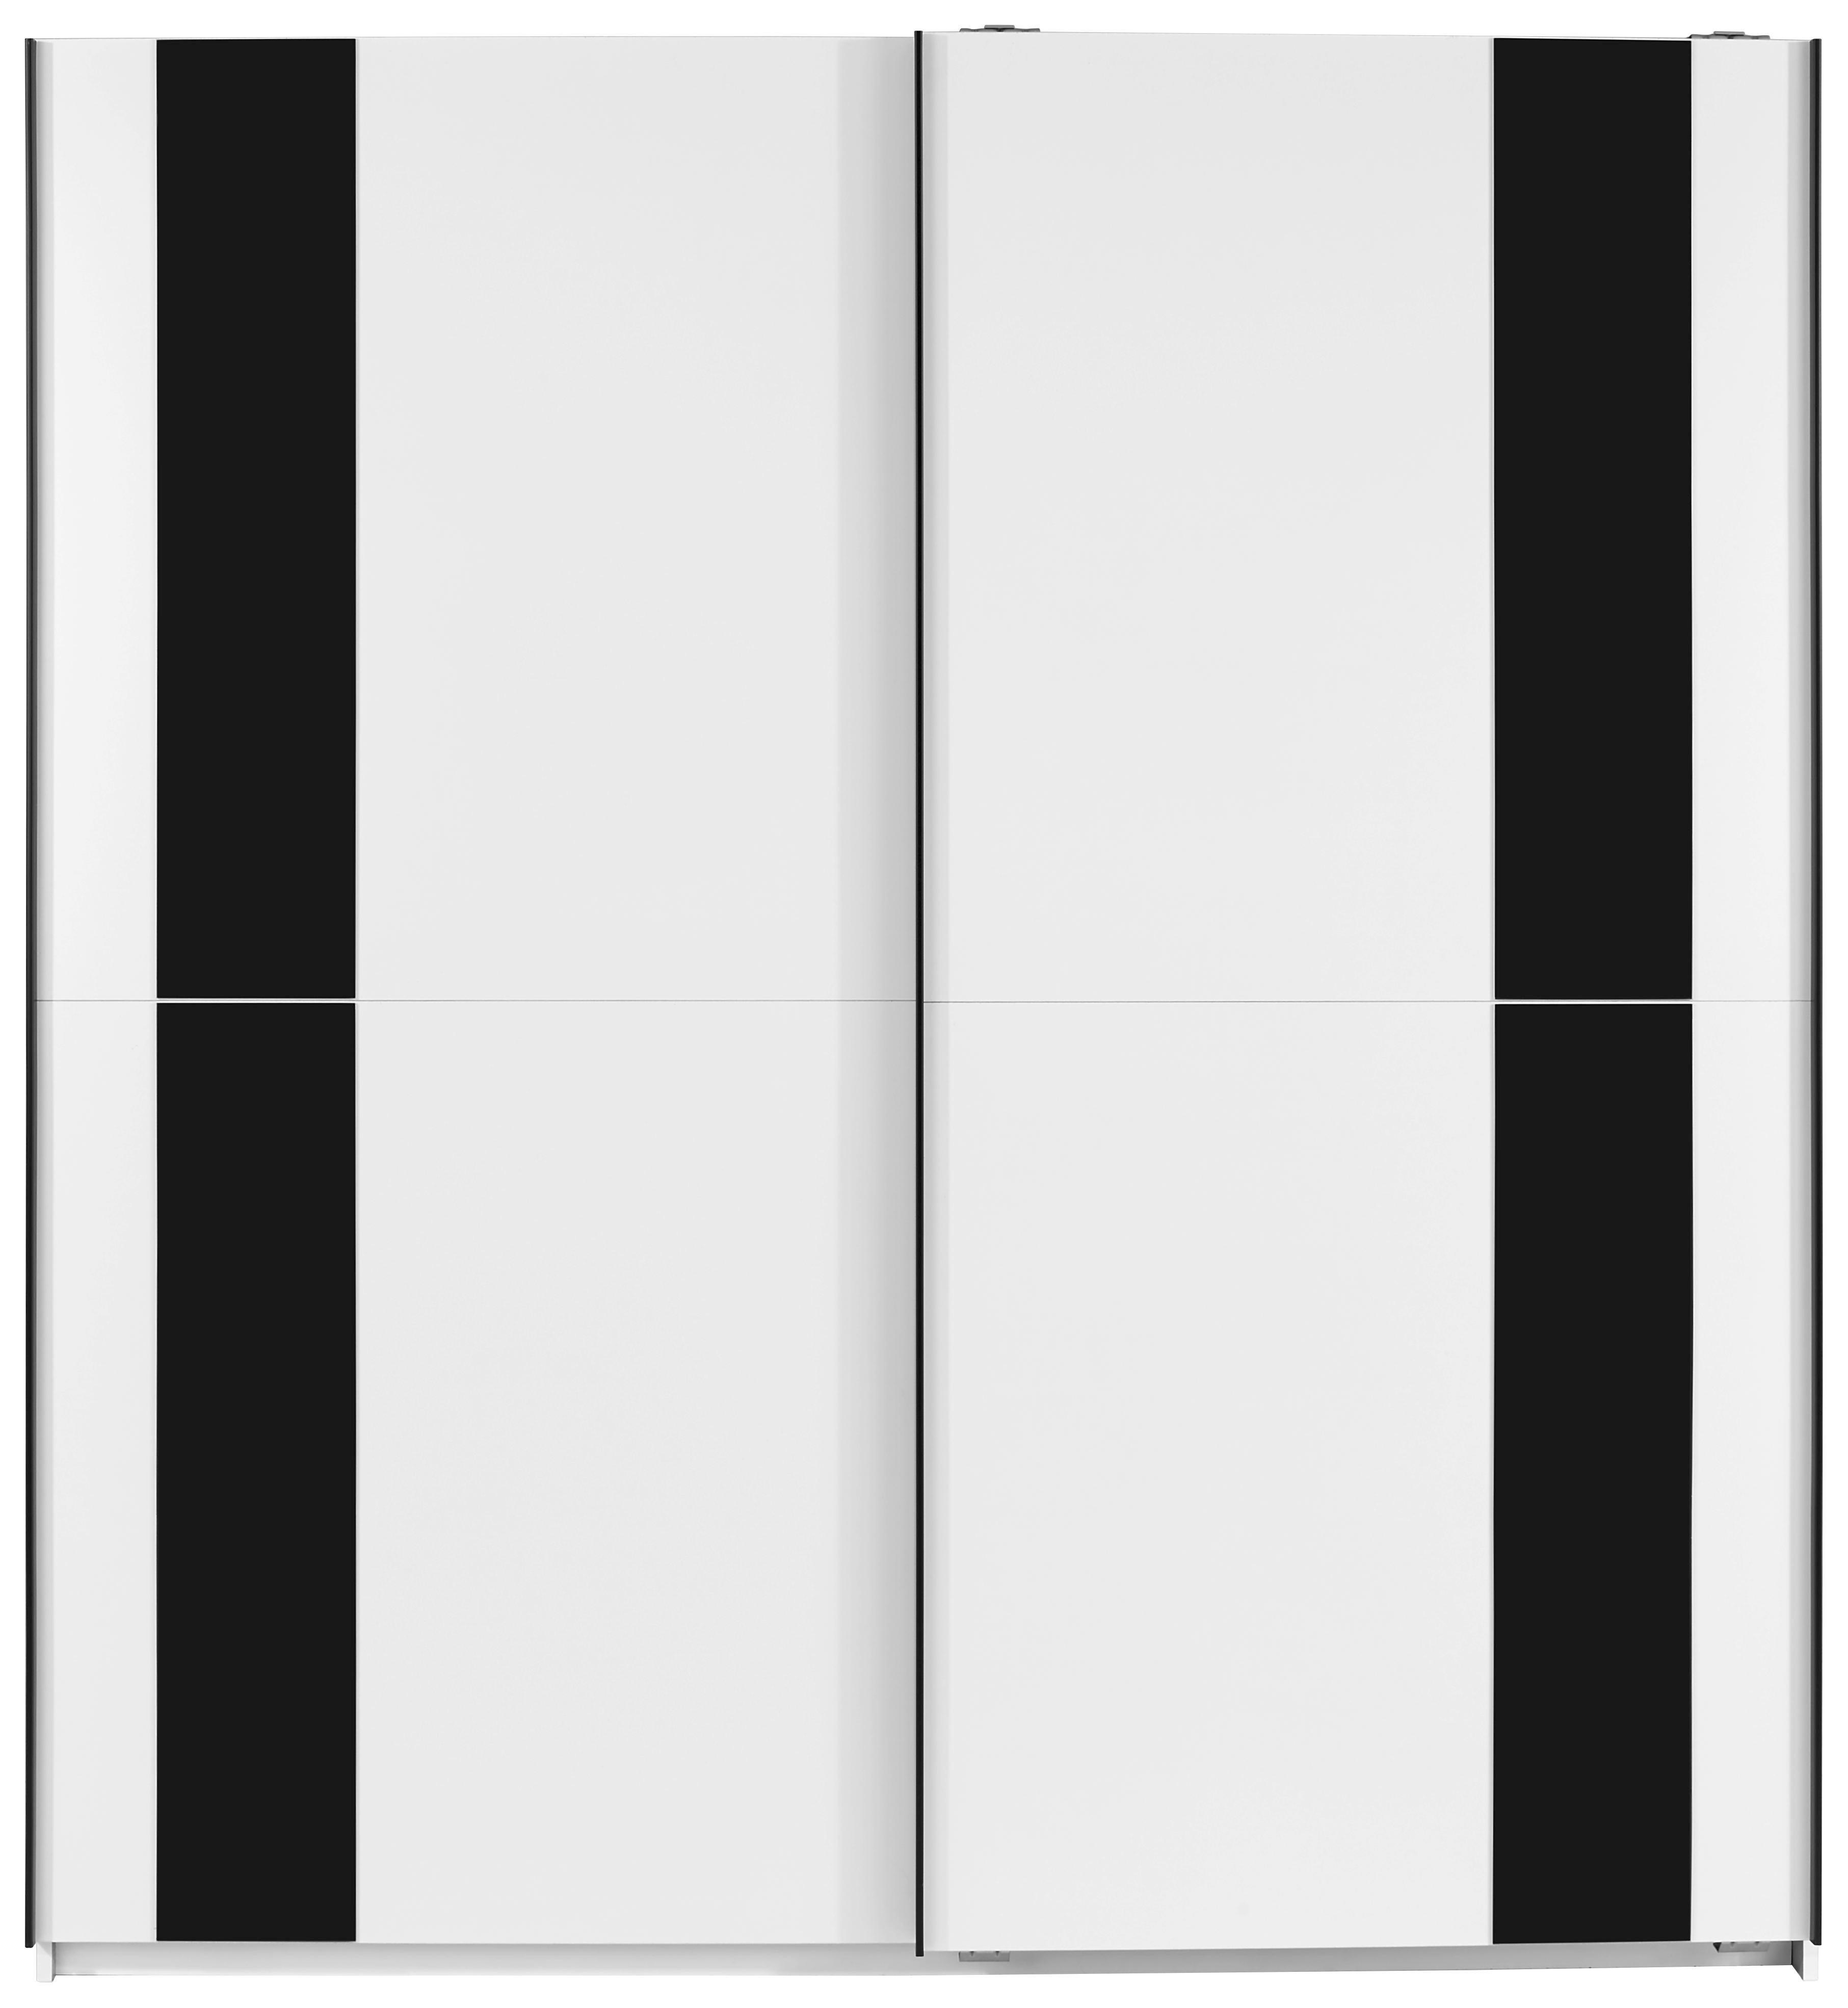 Tolóajtós Szekrény Kiel - fehér/szürke, modern, üveg/faanyagok (180/198/64cm)